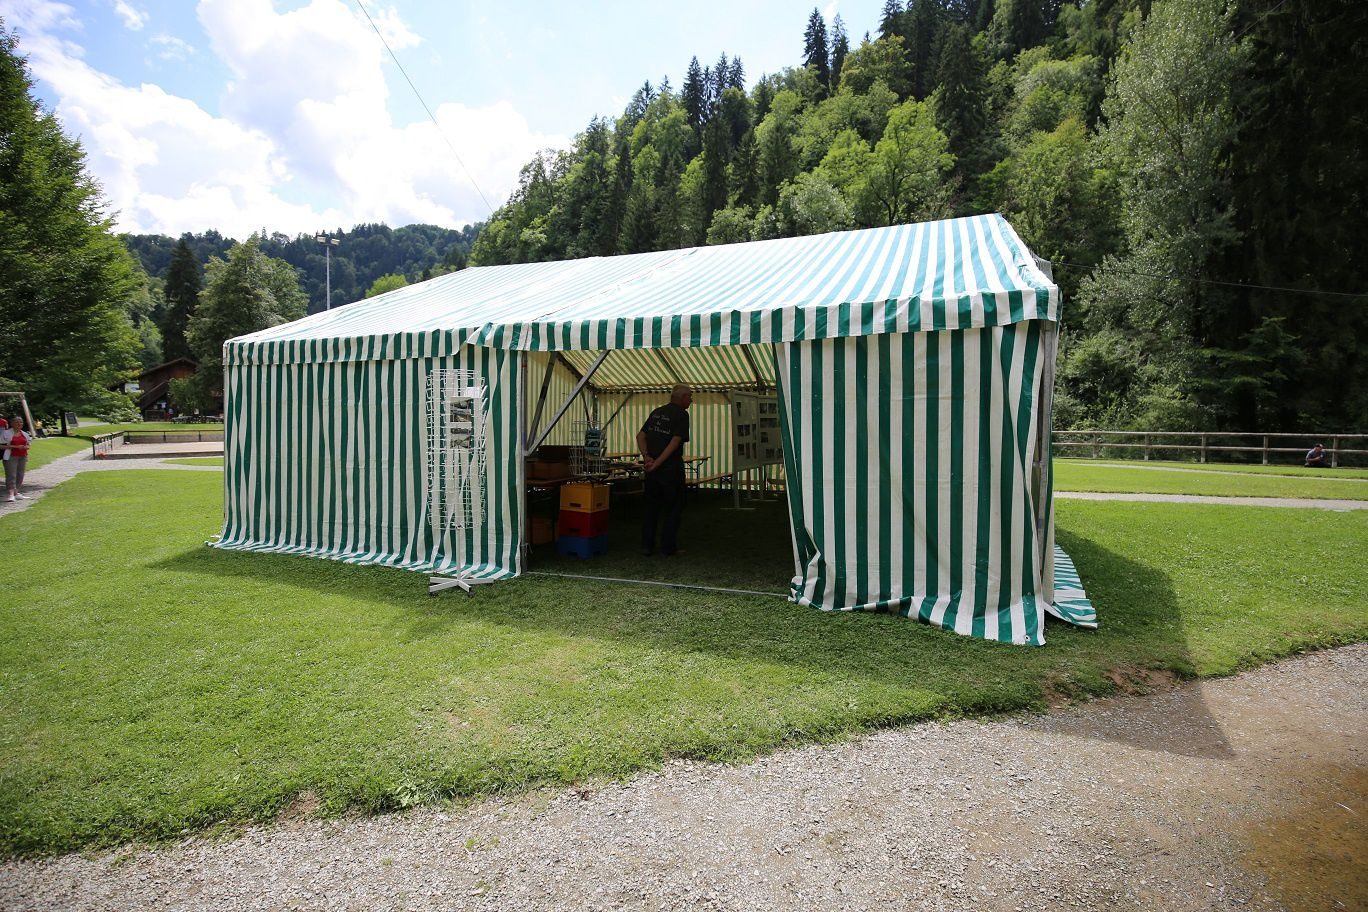 La tente d'exposition et l'intérieur